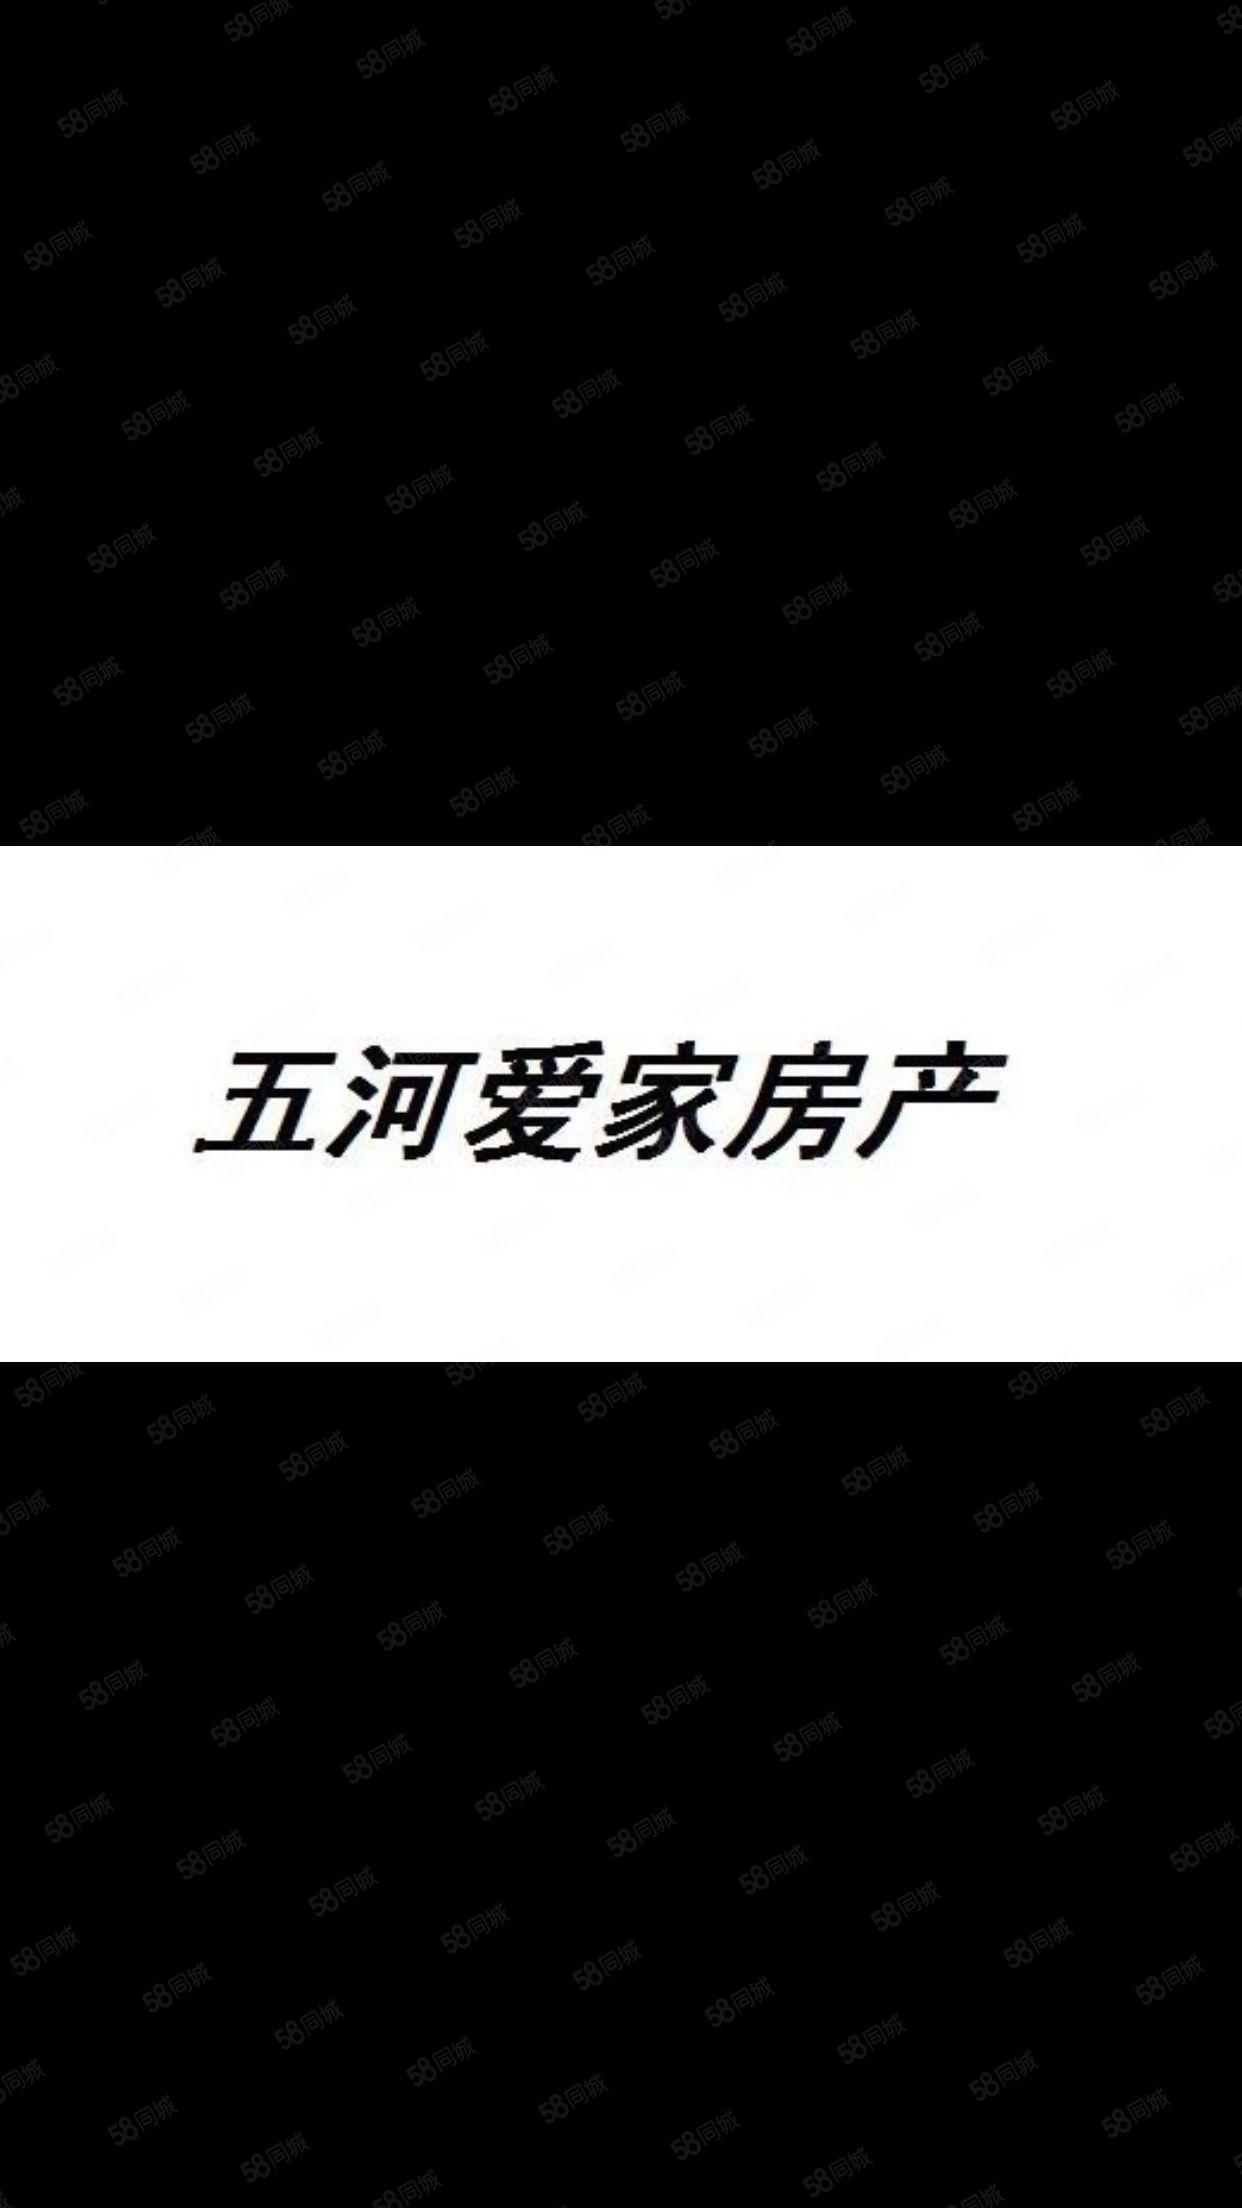 祥源新苑小区新装修三室南北通透户型紧凑价格不高